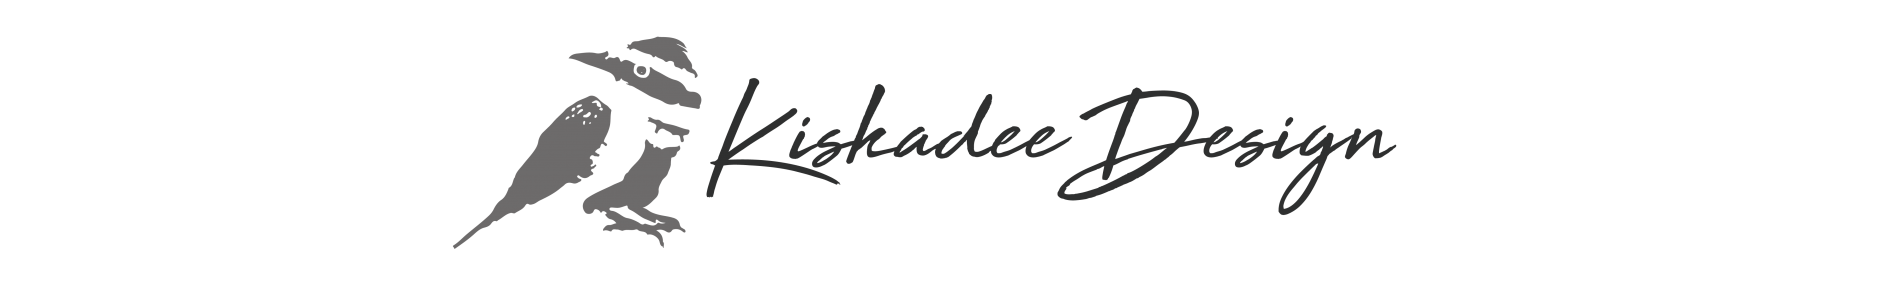 Kiskadee Design